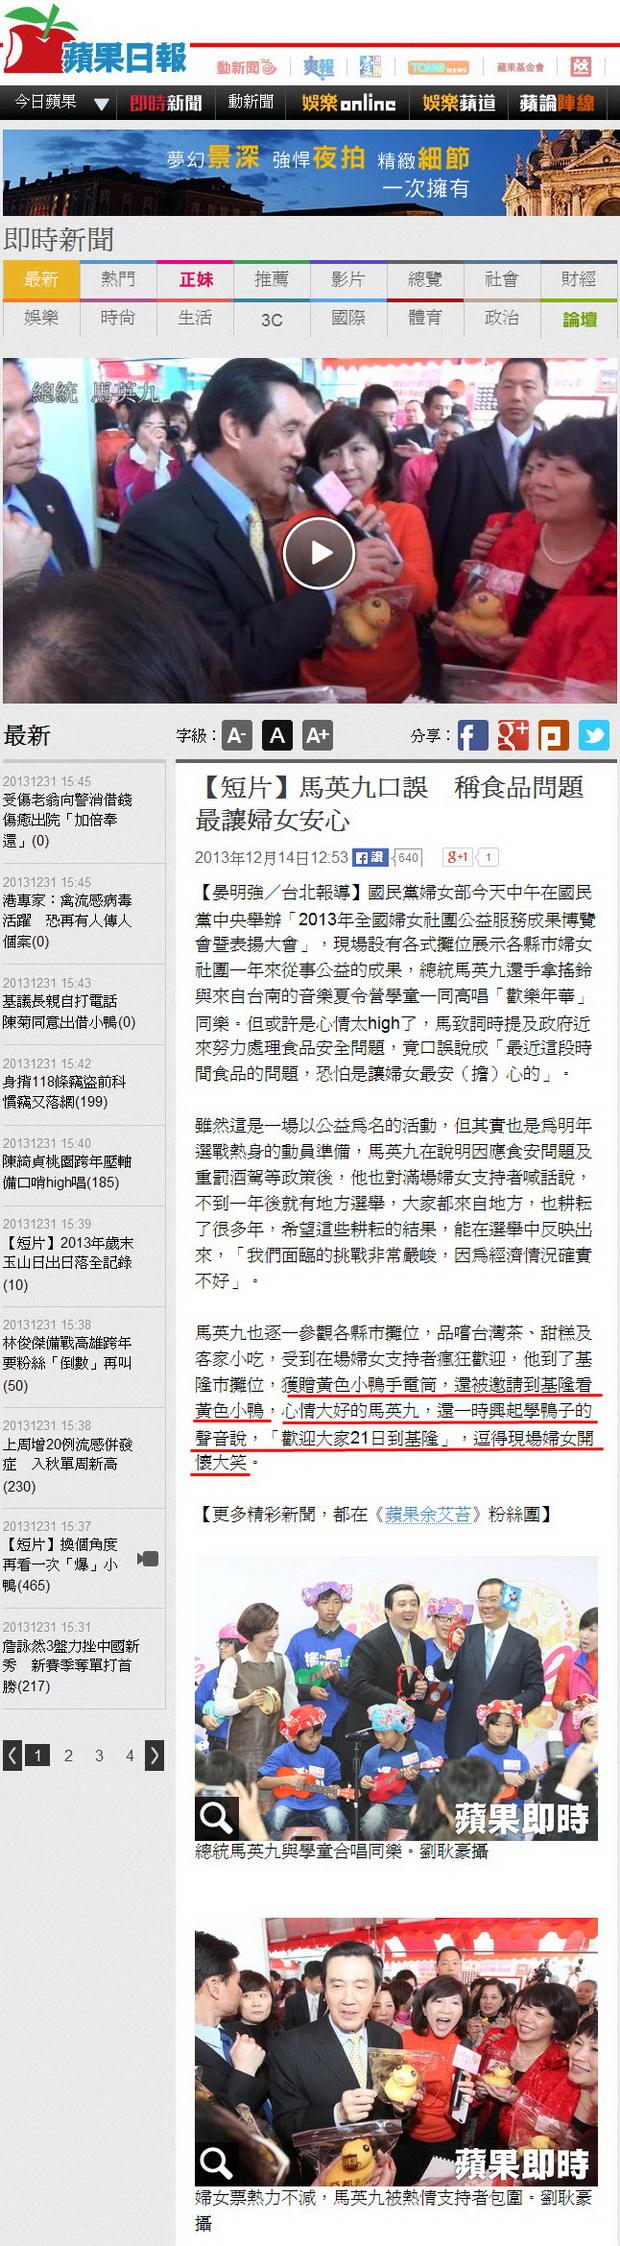 馬英九口誤 稱食品問題最讓婦女安心-2013.12.14.jpg